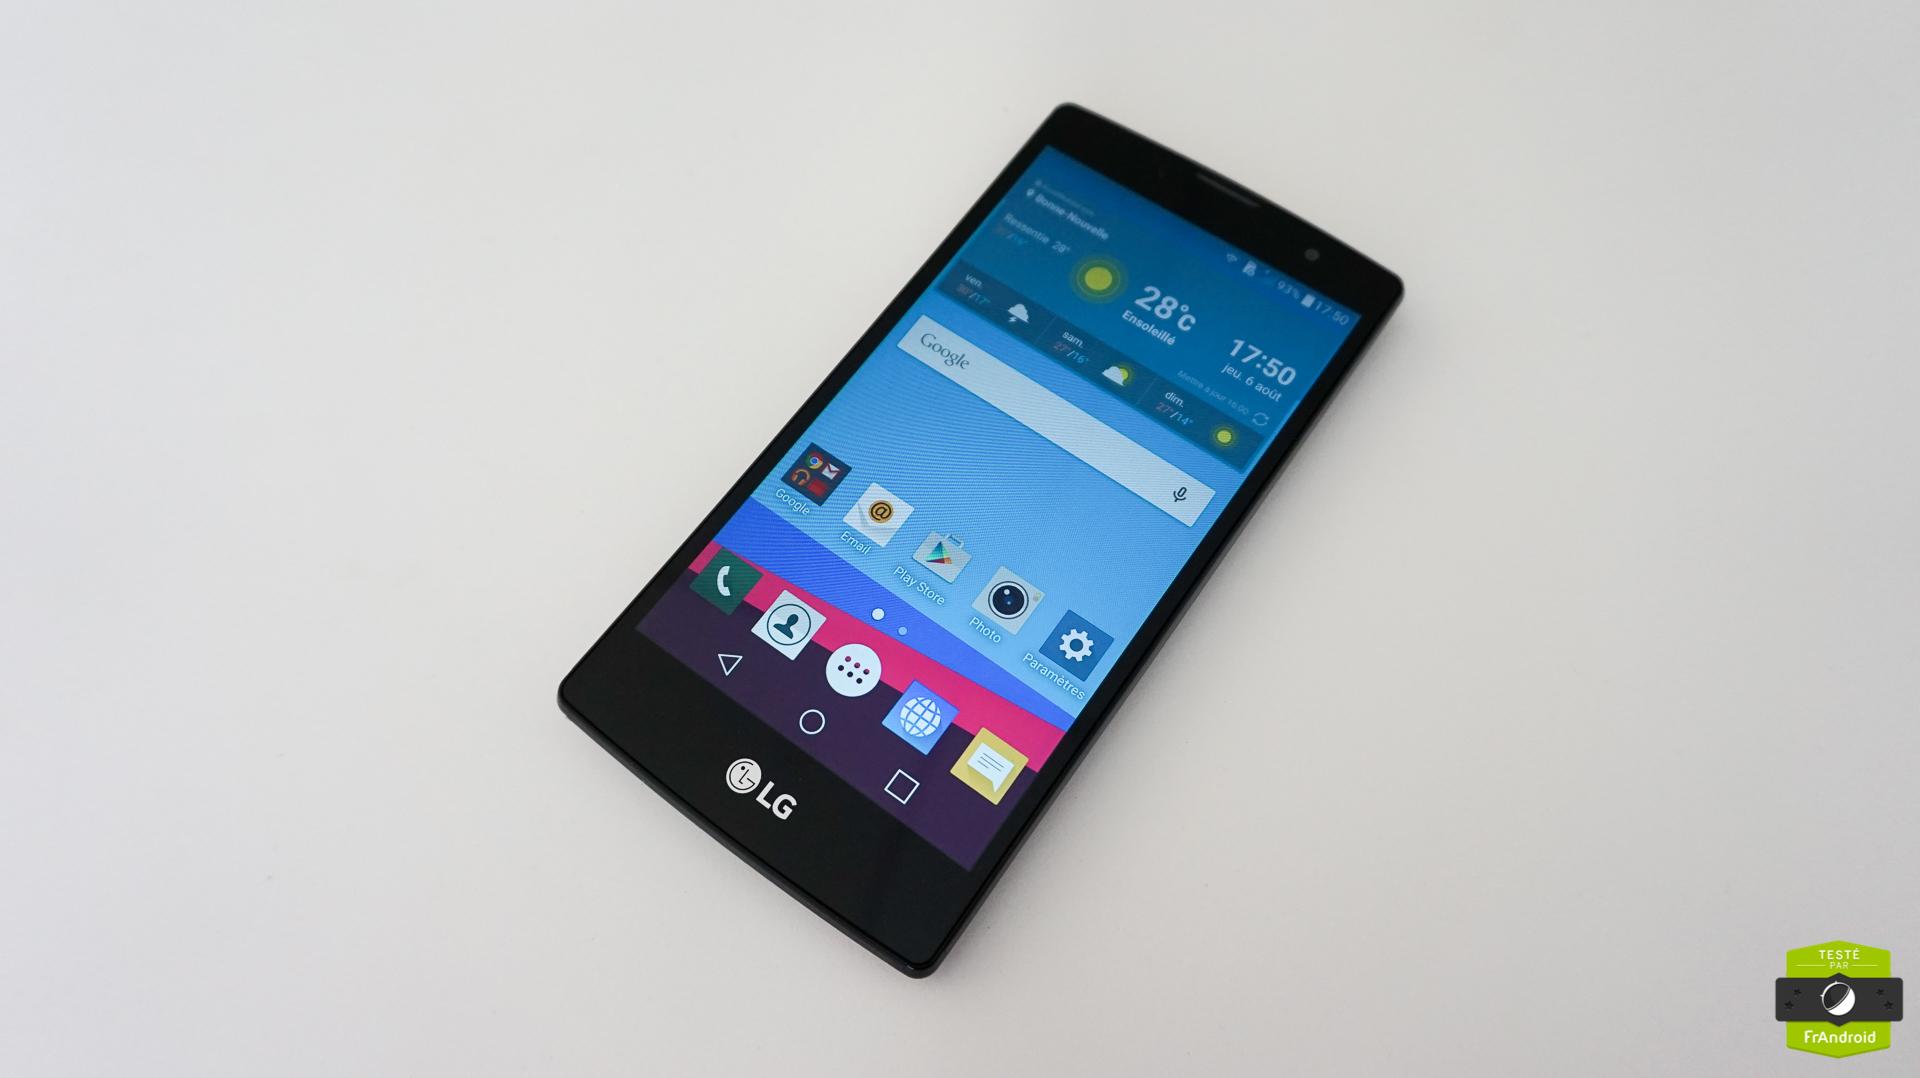 Test du LG G4c, des bonnes idées mais d'importants défauts